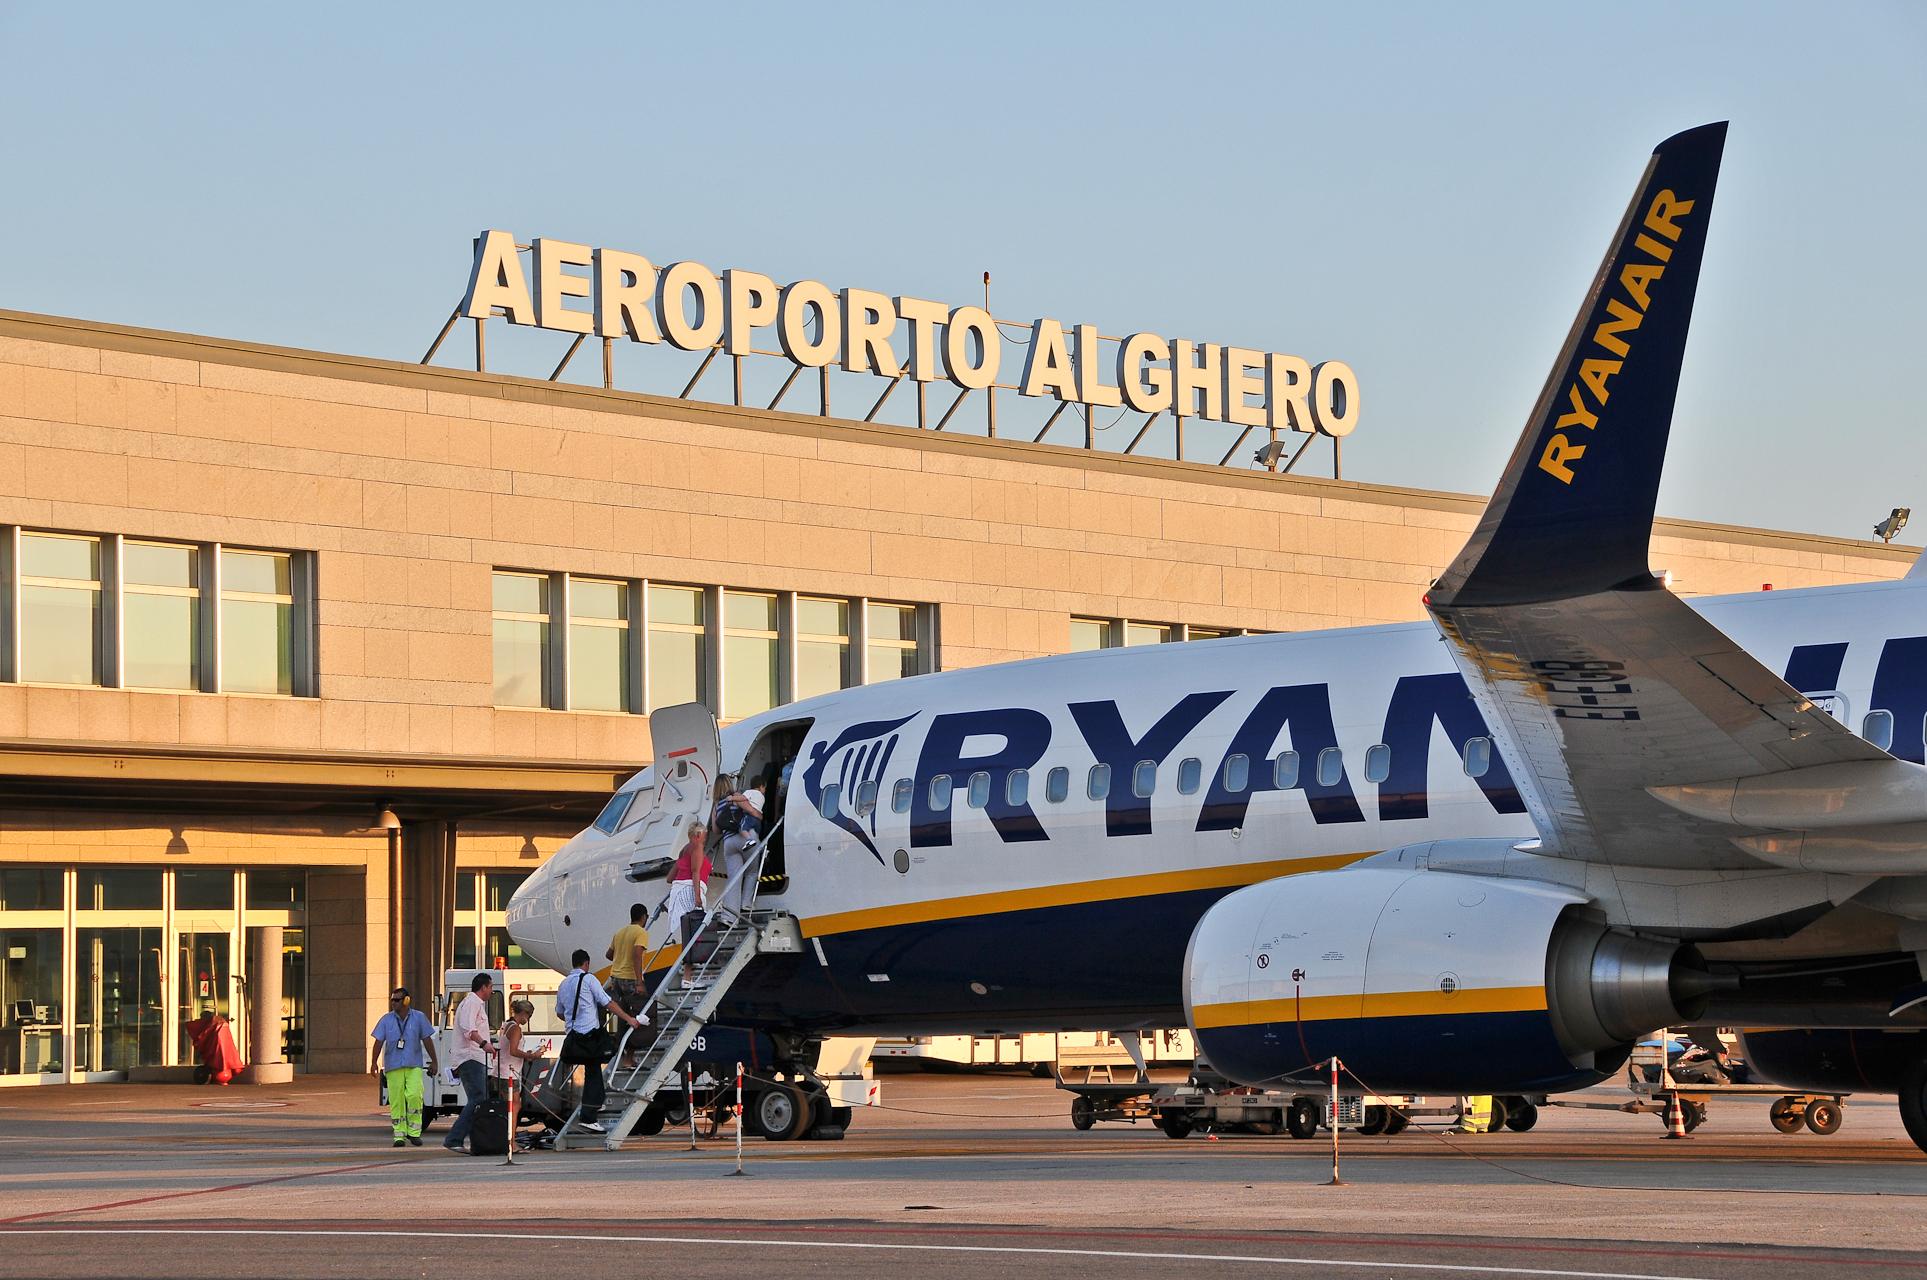 Cartina Sardegna Con Aeroporti.Aeroporto Di Alghero Fertilia Wikipedia